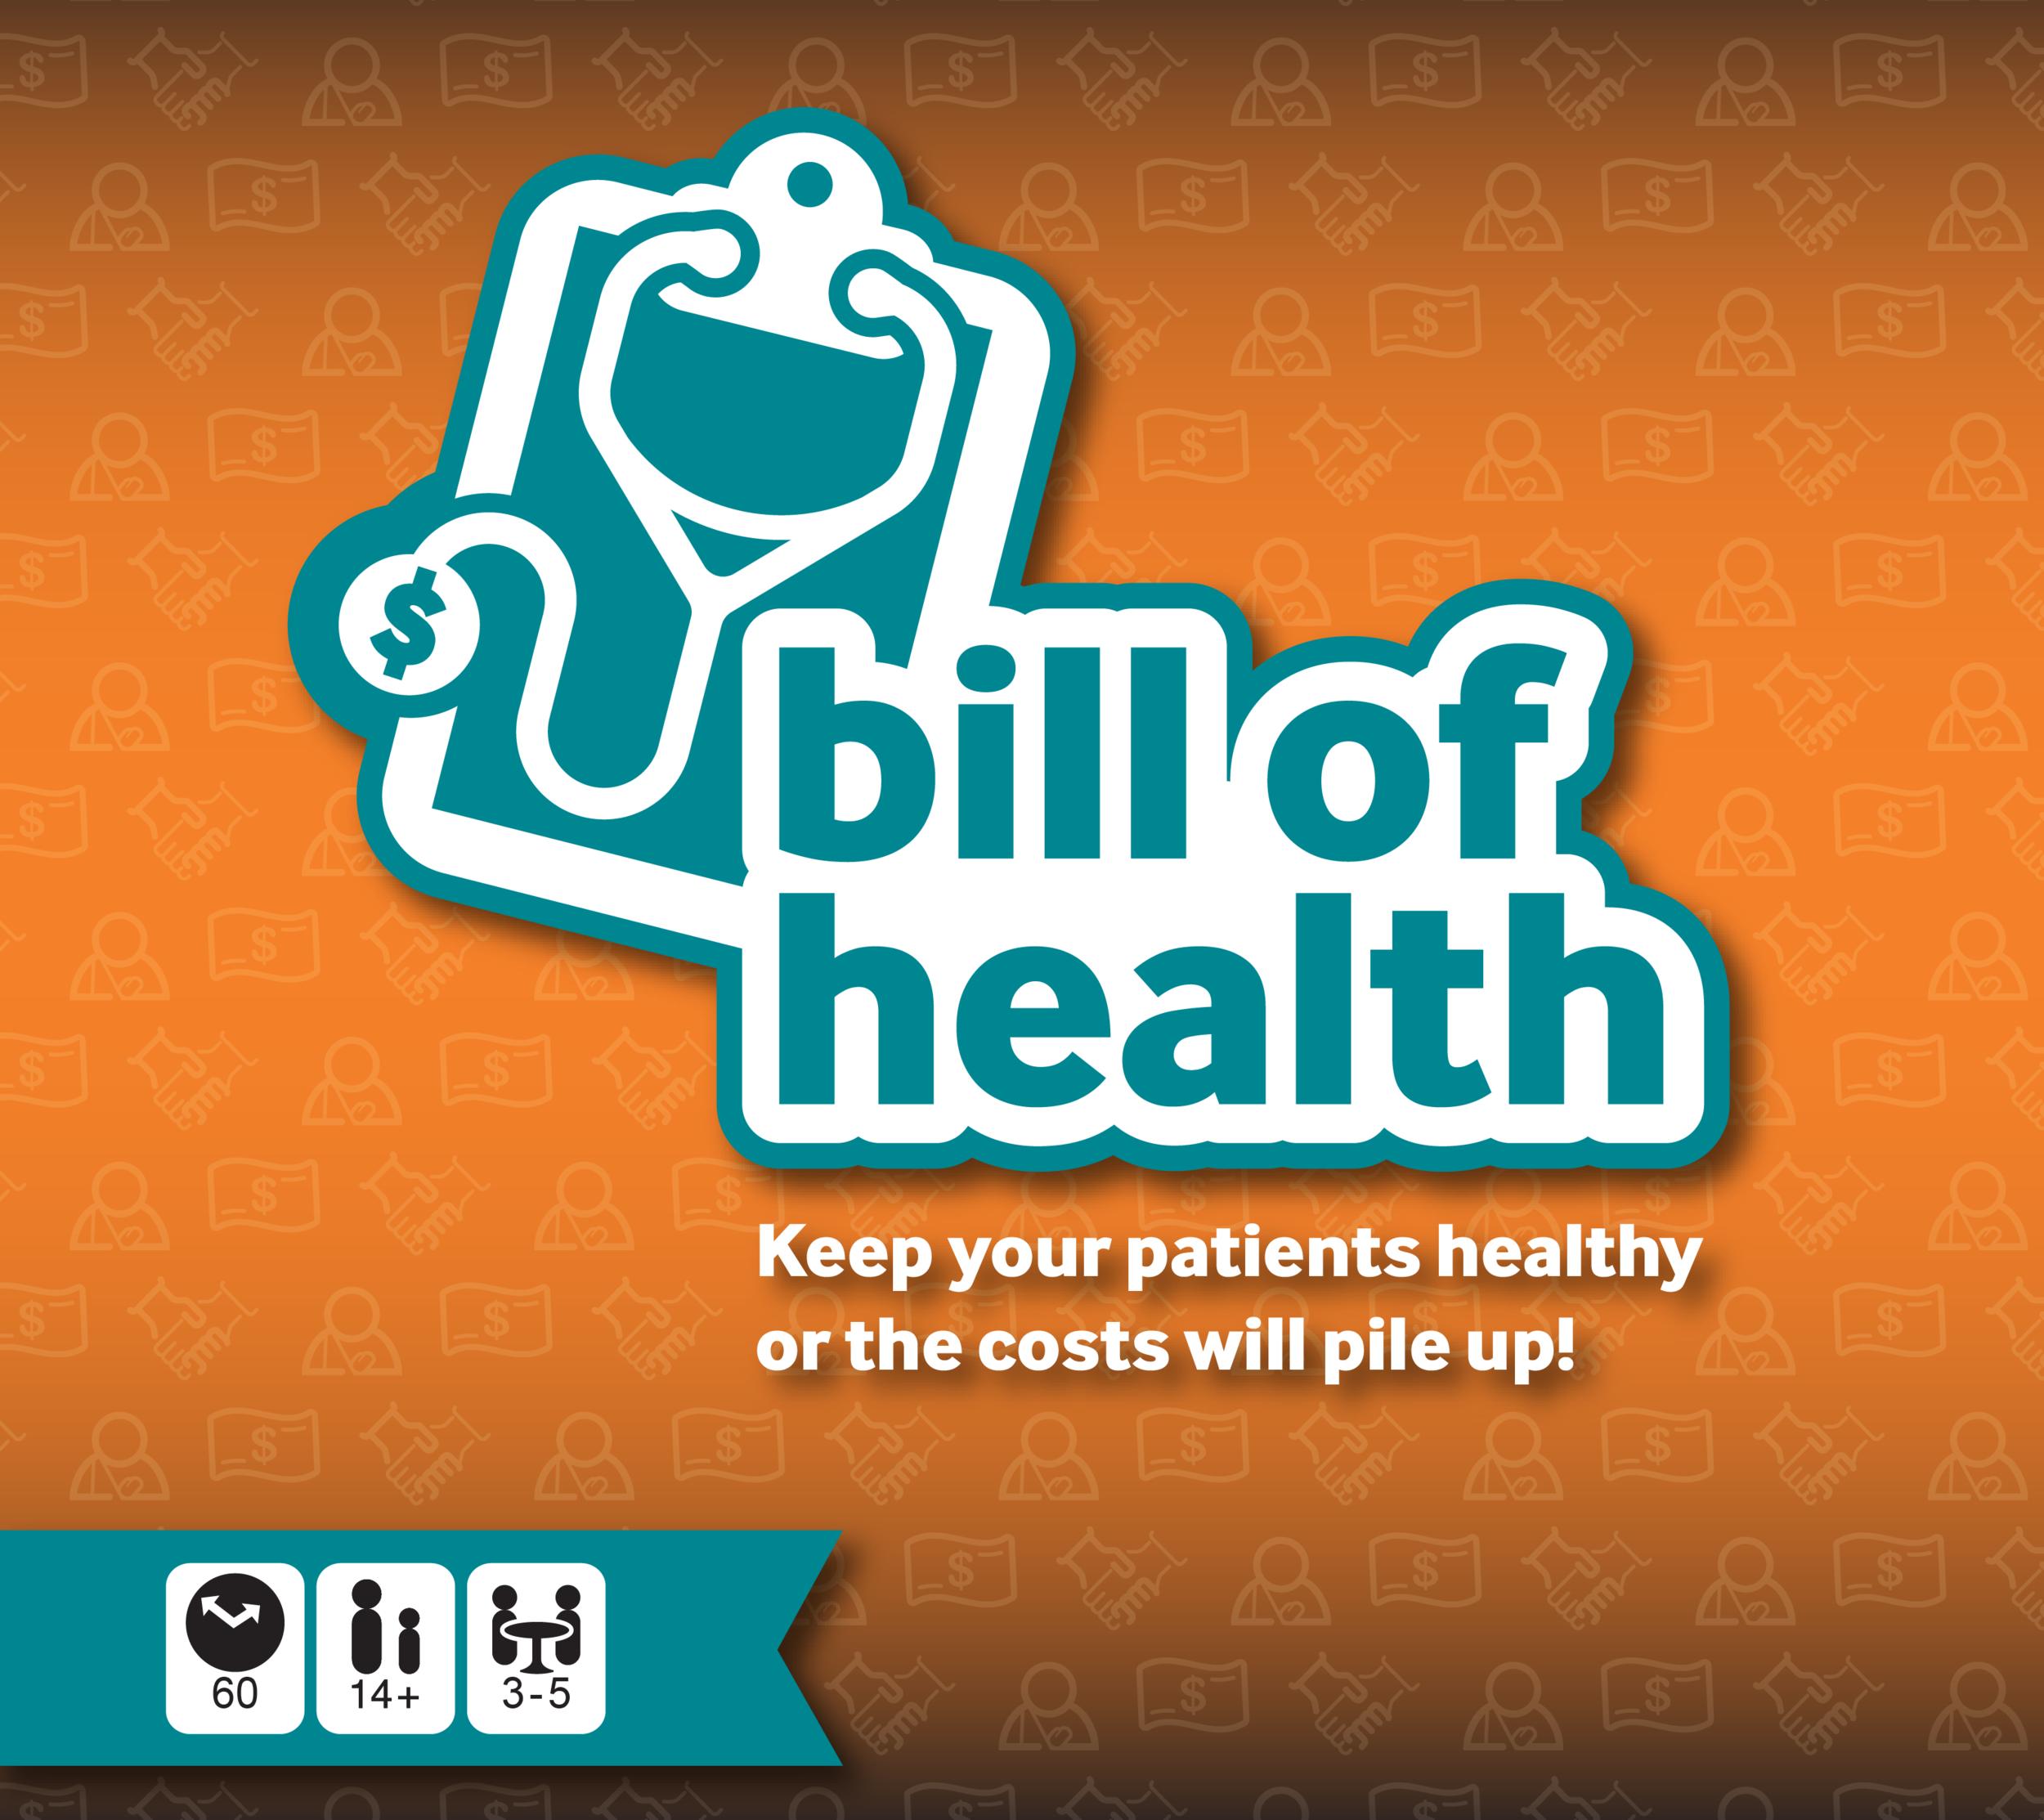 BillofHealth-Game-BoxTop.png